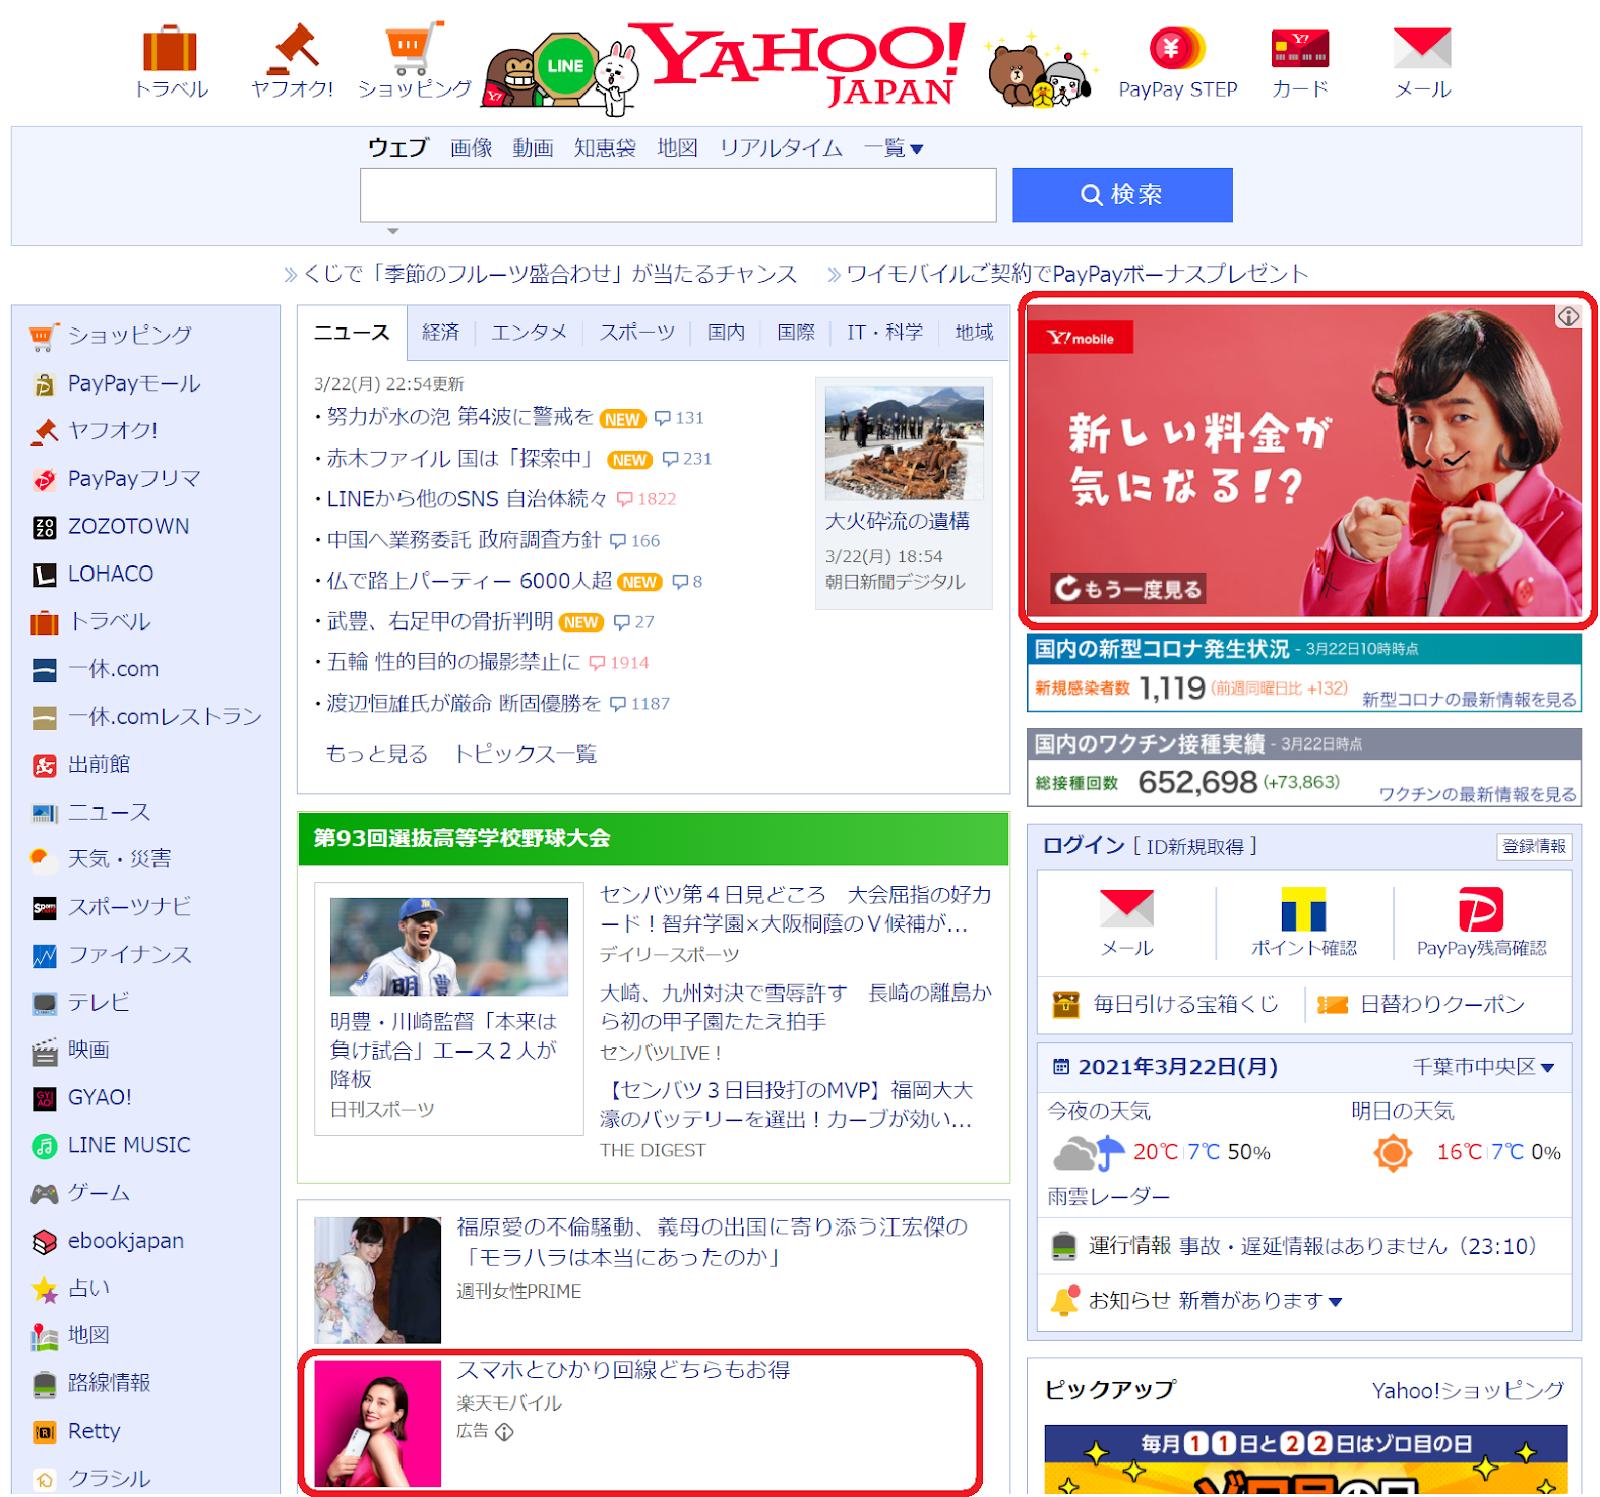 ディスプレイ広告(運用型) (Yahoo! Display Ads(YDA))